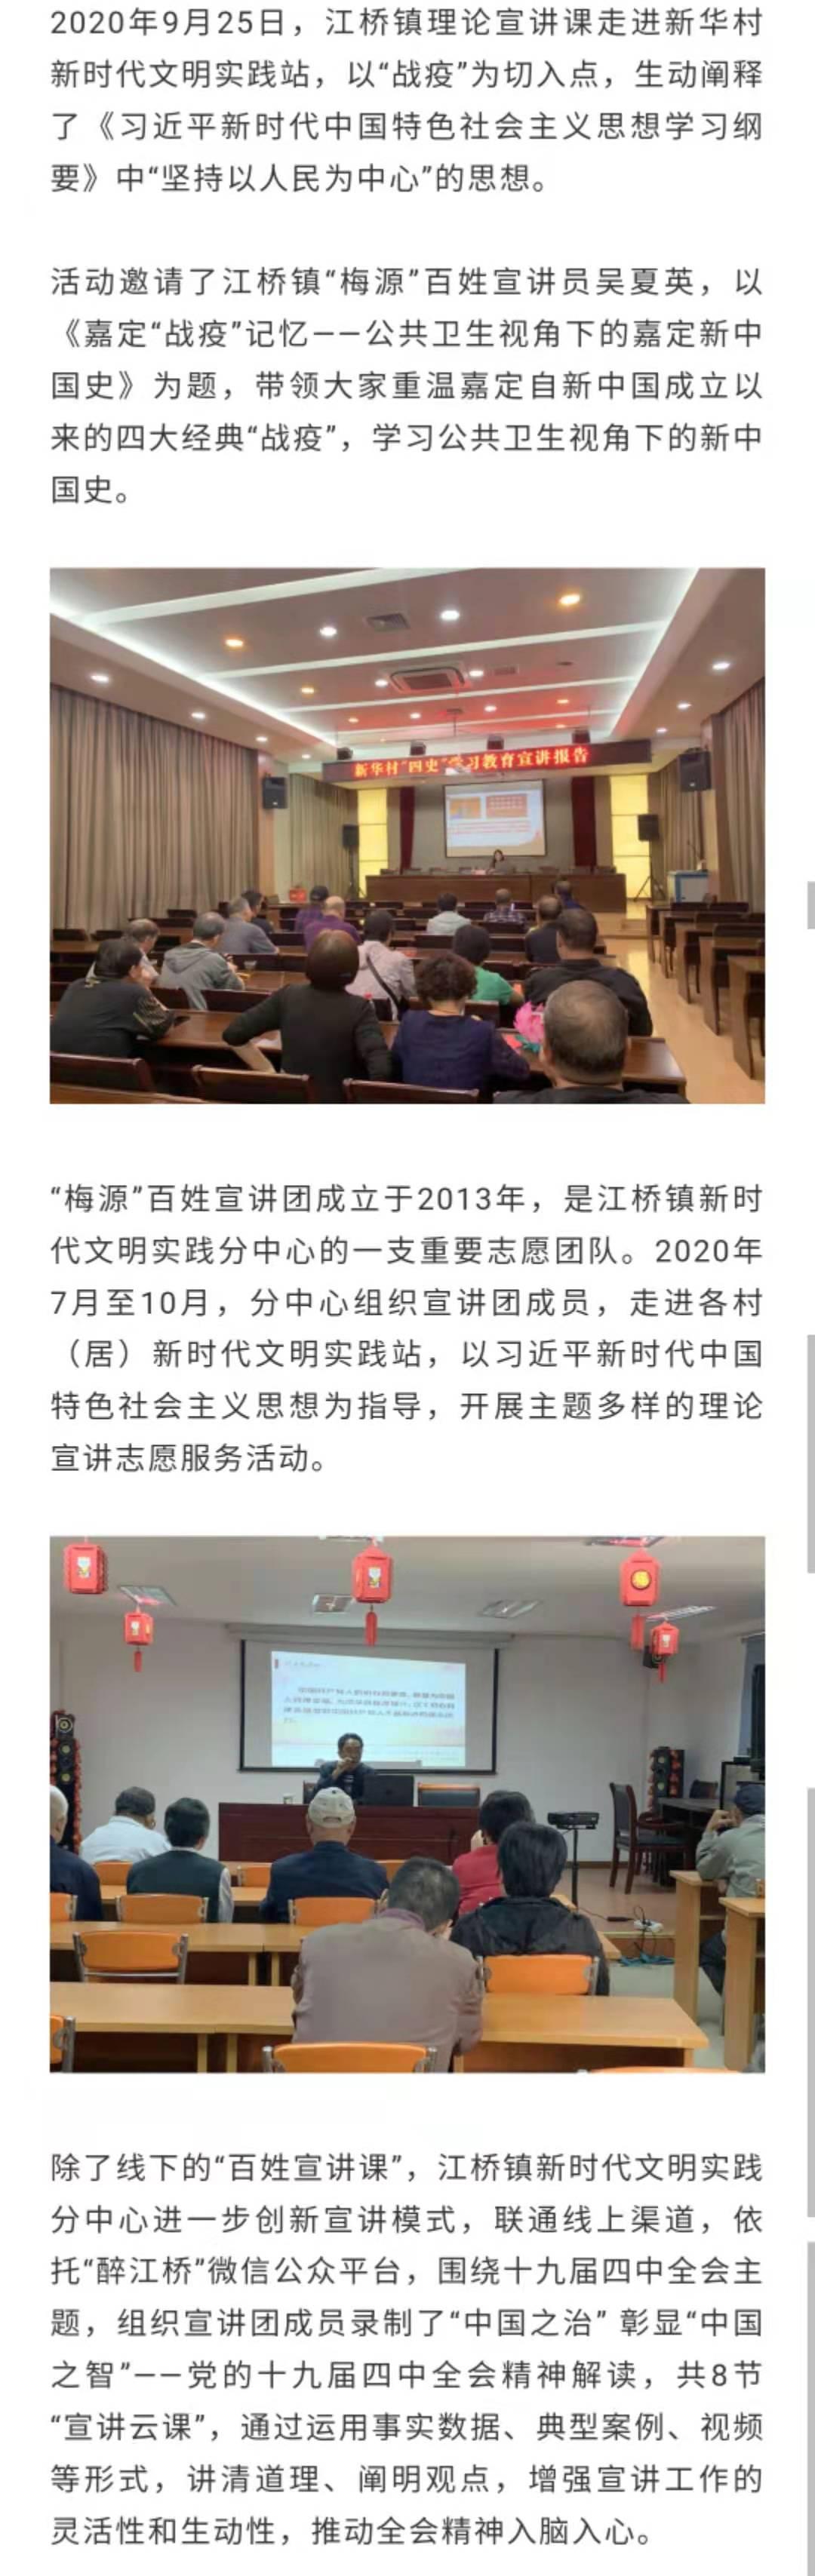 """线上+线下,江桥镇新时代文明实践分中心开展文明实践理论宣讲,打造""""江桥模式"""" (2).jpg"""